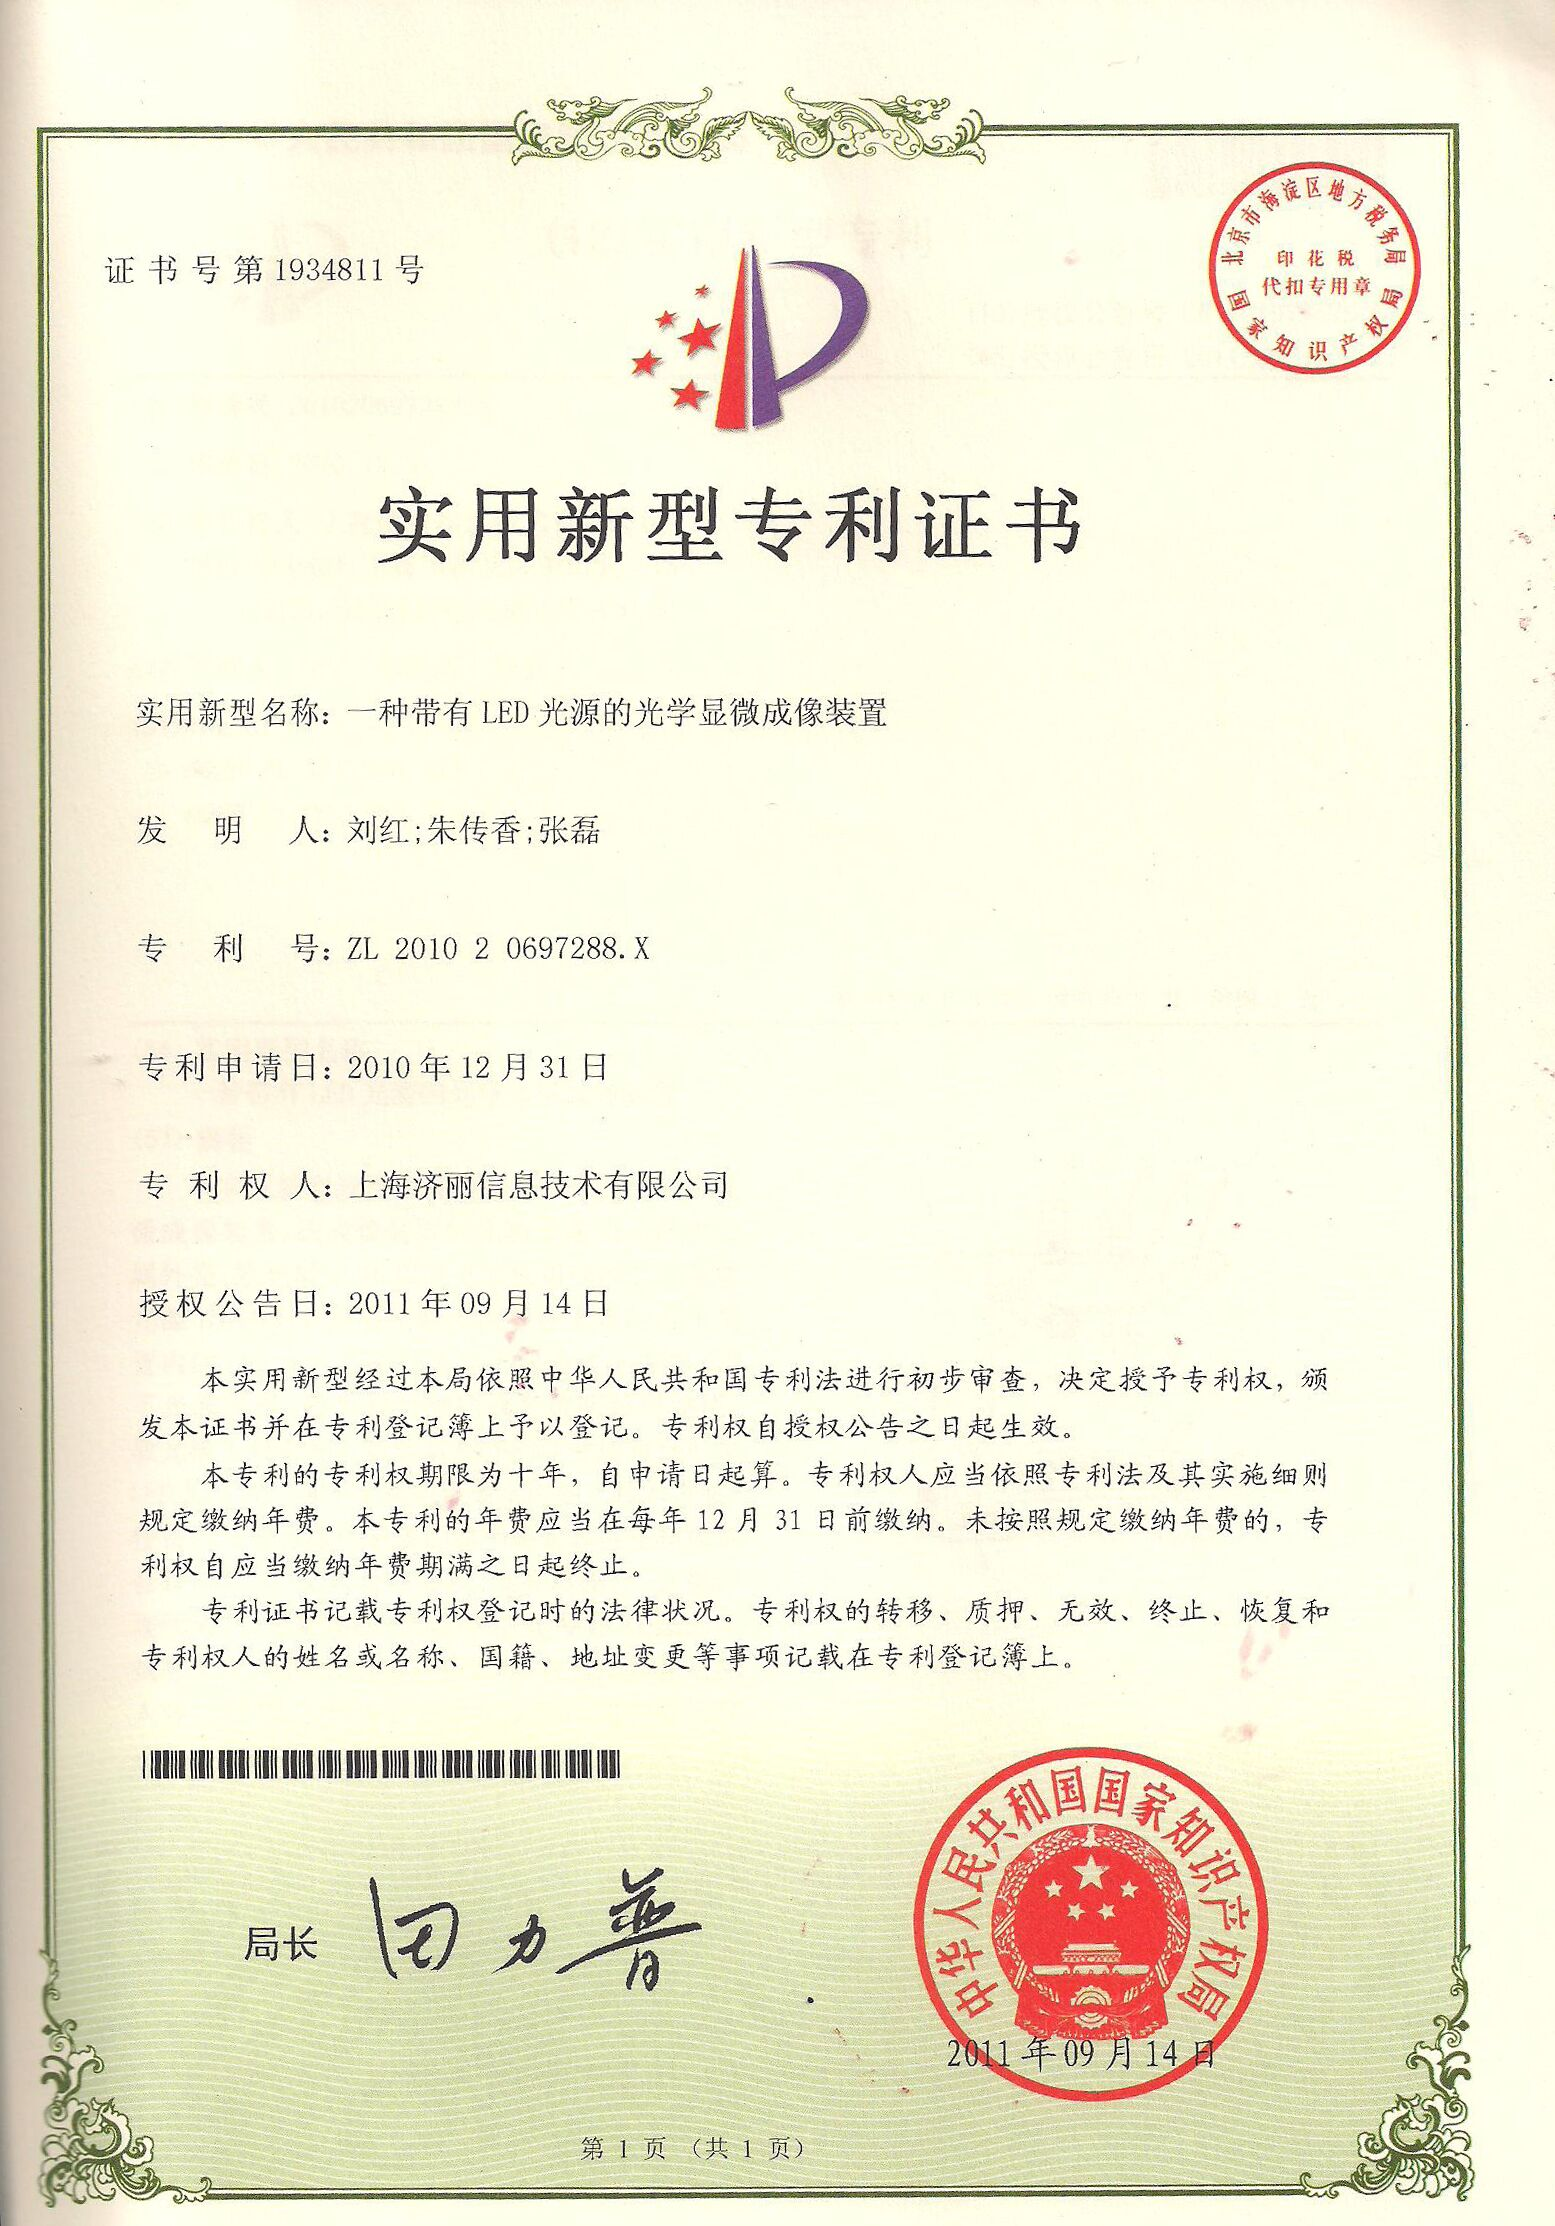 DLP光机( 2010 2 0697288.X)